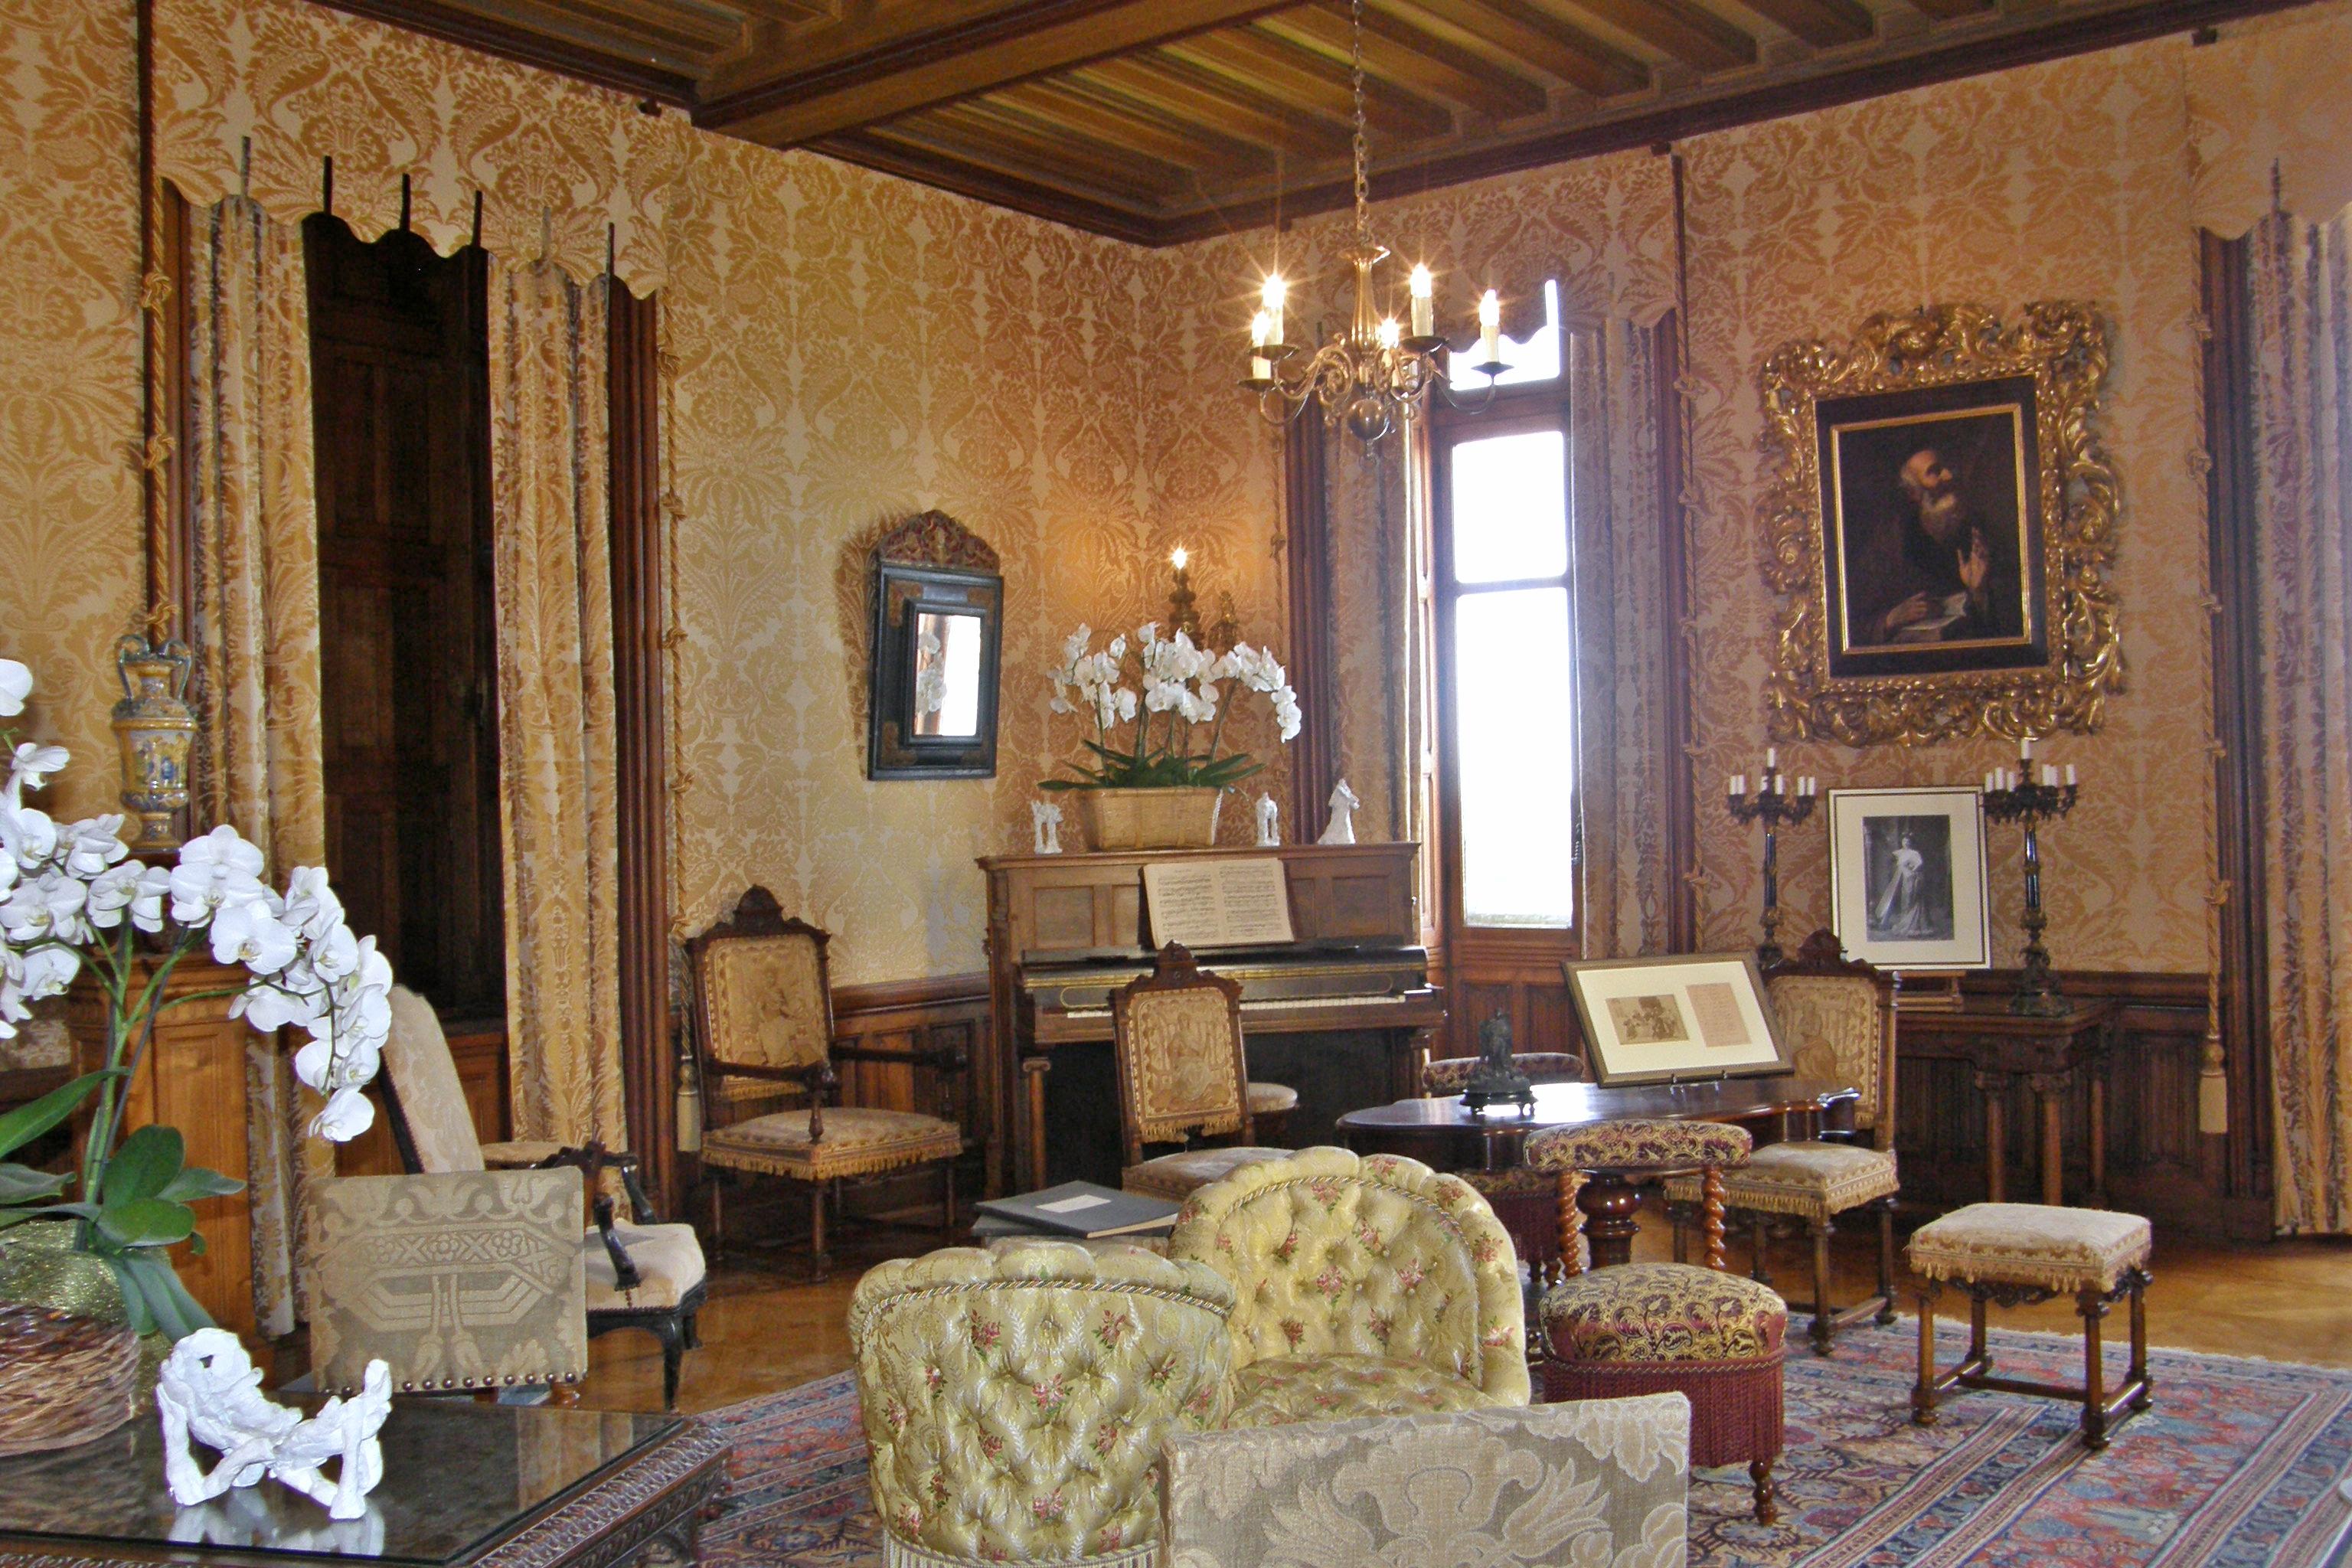 File ch teau de chaumont sur loire salon jpg wikimedia commons - Chateau de menetou salon visites ...